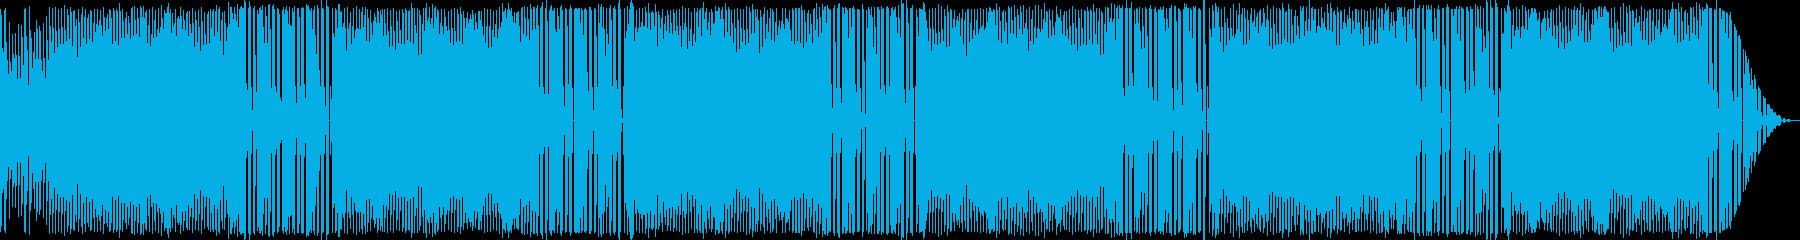 レトロゲーム:定番のスタートアップの再生済みの波形